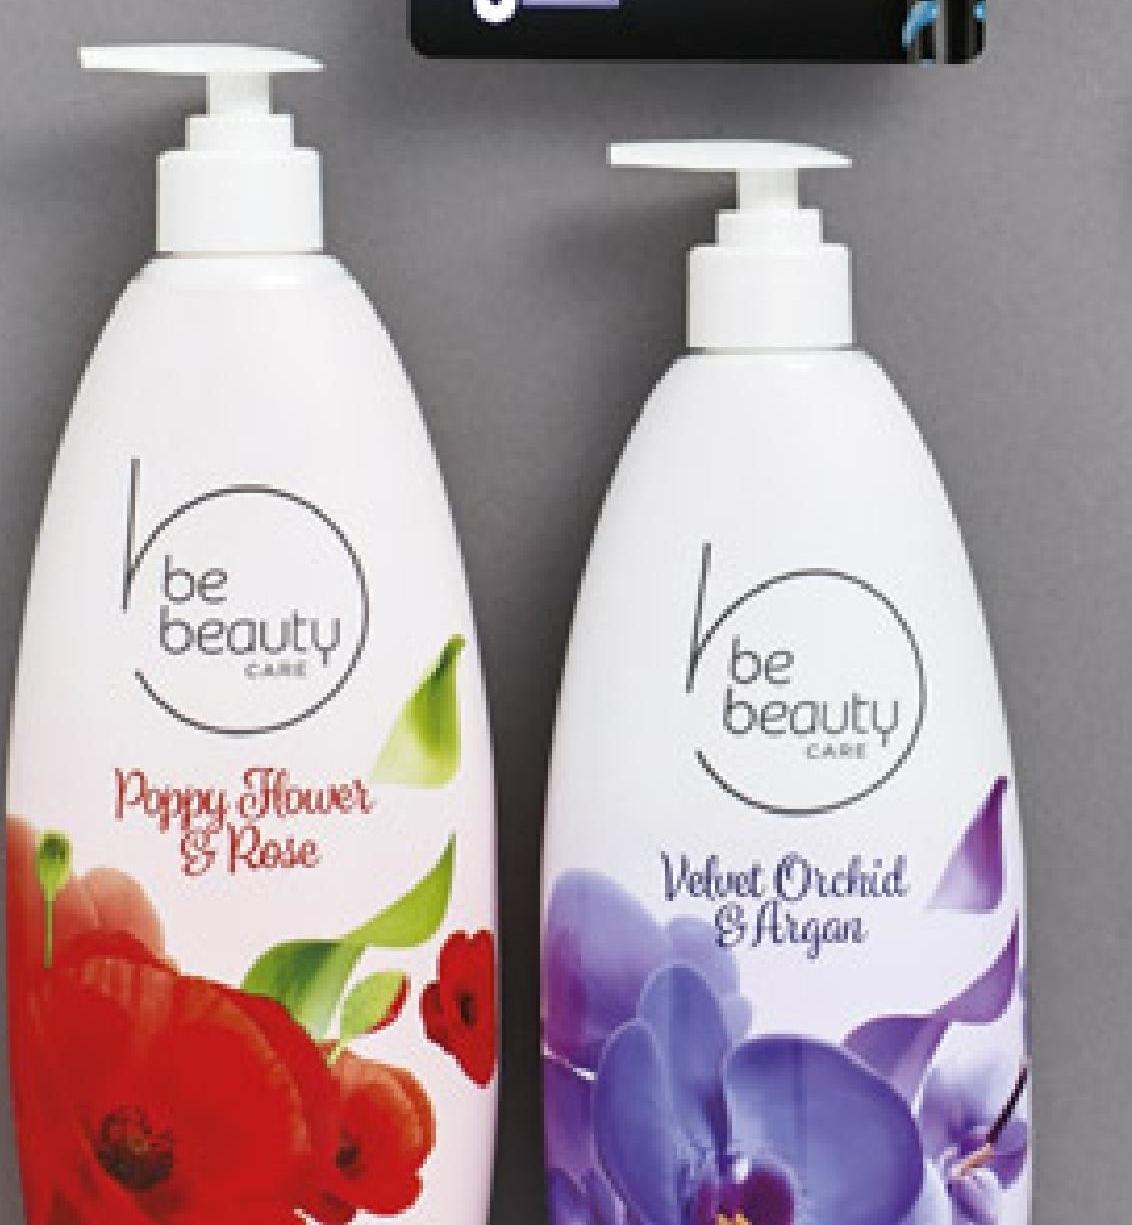 Kremowy żel pod prysznic Be Beauty Care niska cena